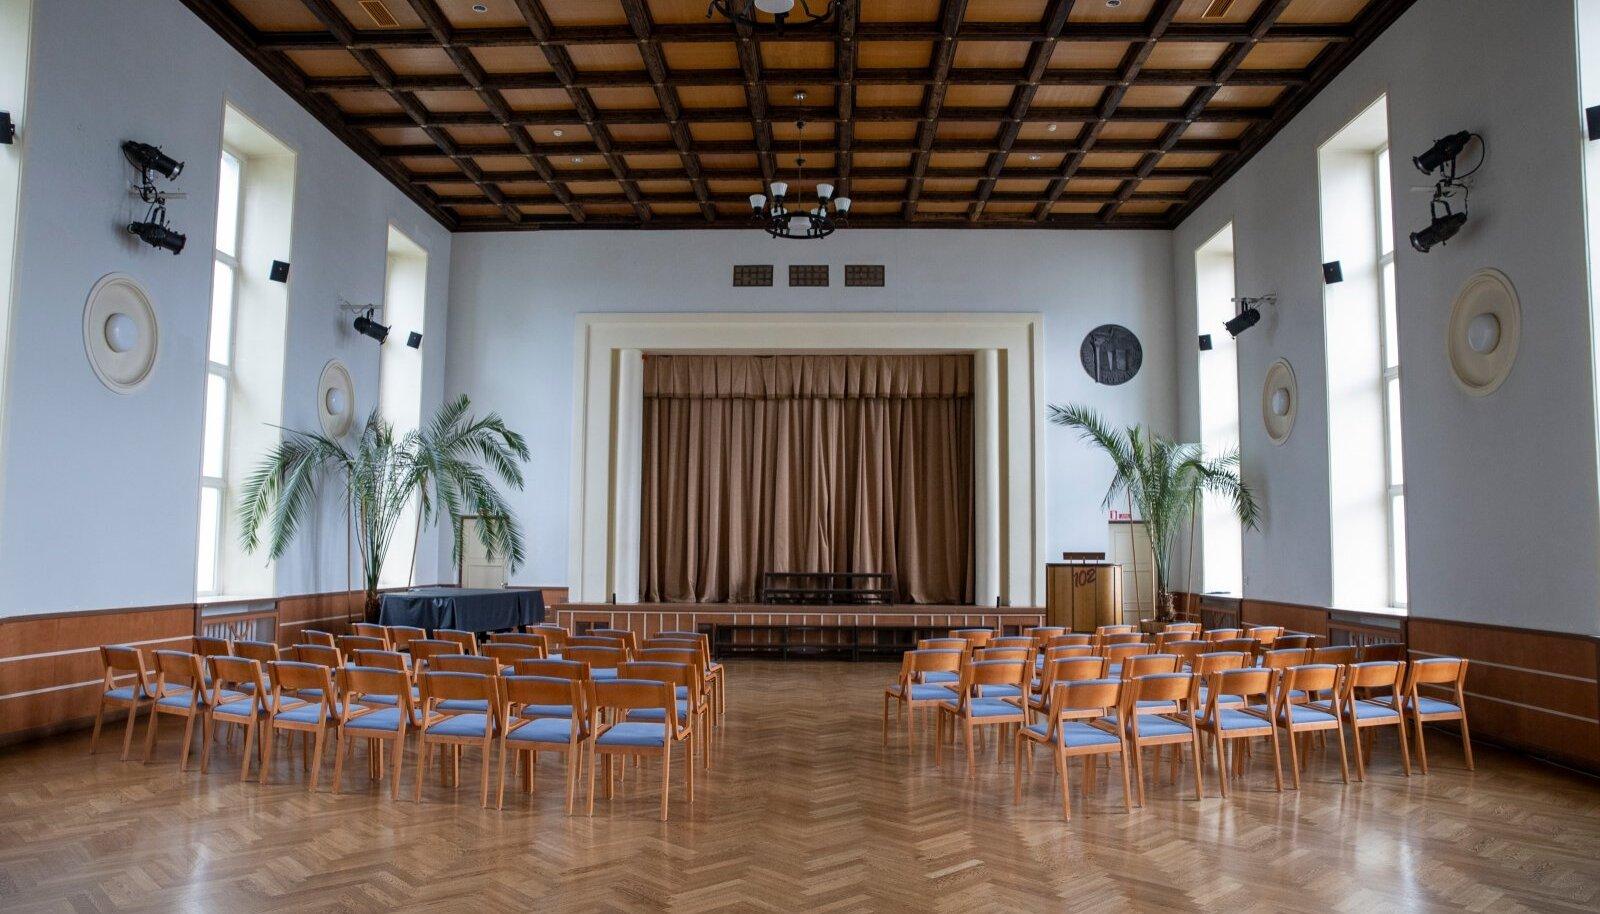 Alar Kotli disainitud gümnaasiumihoone oli esimene Eestis, kuhu ehitati eraldi aula ja võimla.